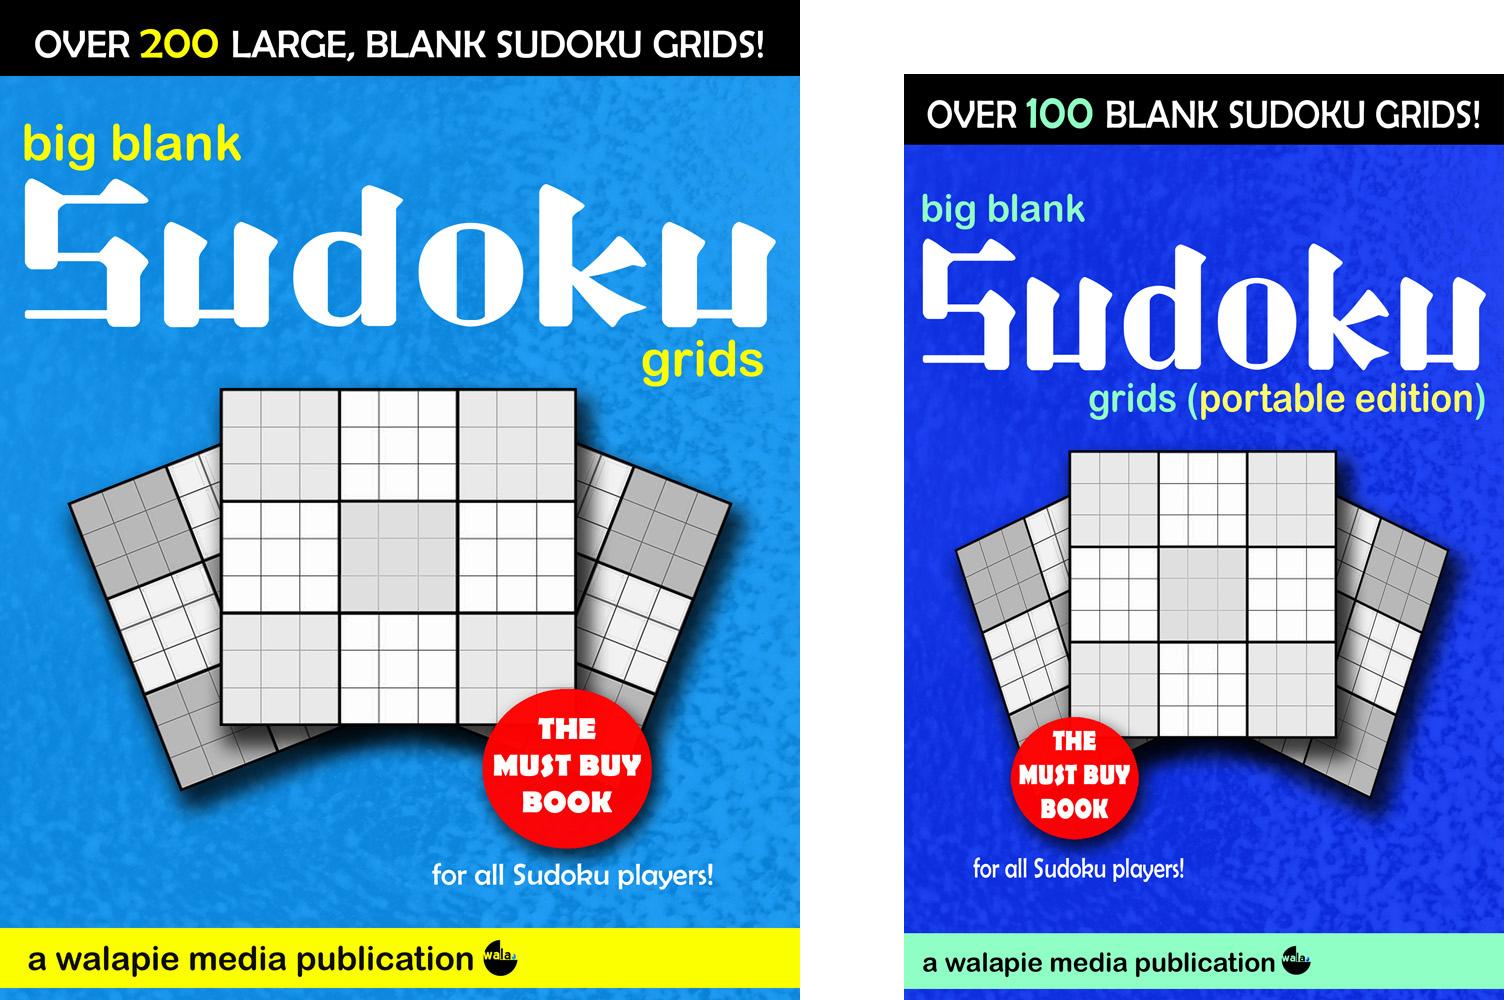 Free Sudoku Puzzles   Enjoy Daily Free Sudoku Puzzles From Walapie - Free Printable Sudoku Books